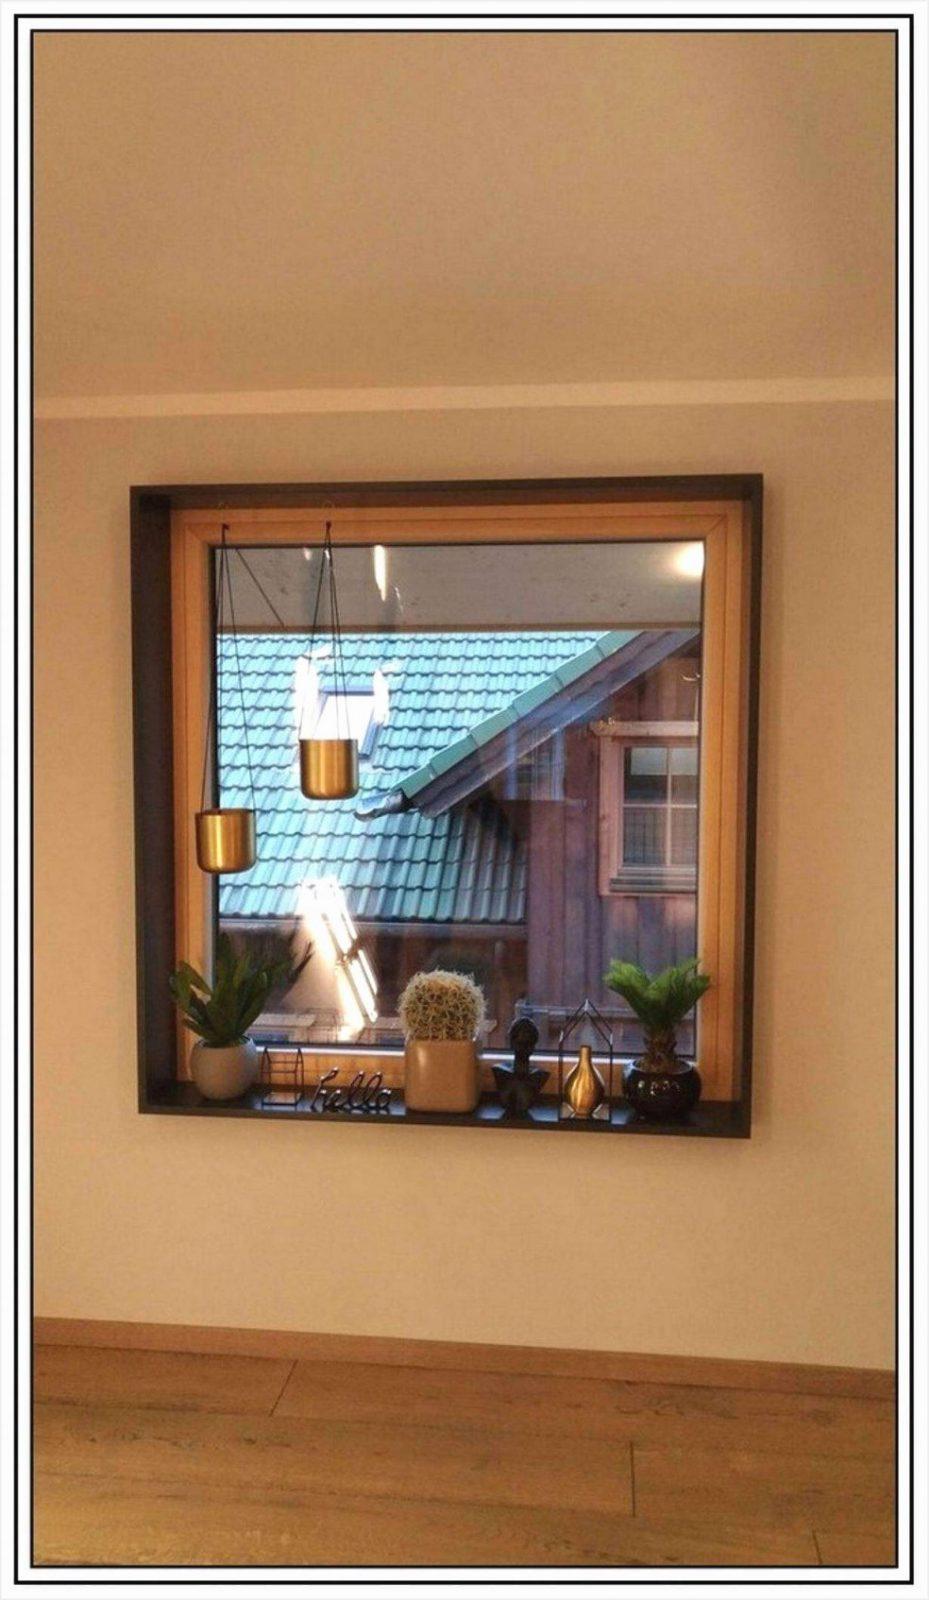 Glaspavillon Mit Schiebetüren Neu Stock Von Kleiderschrank Selber von Kleiderschrank Schiebetüren Selber Bauen Photo